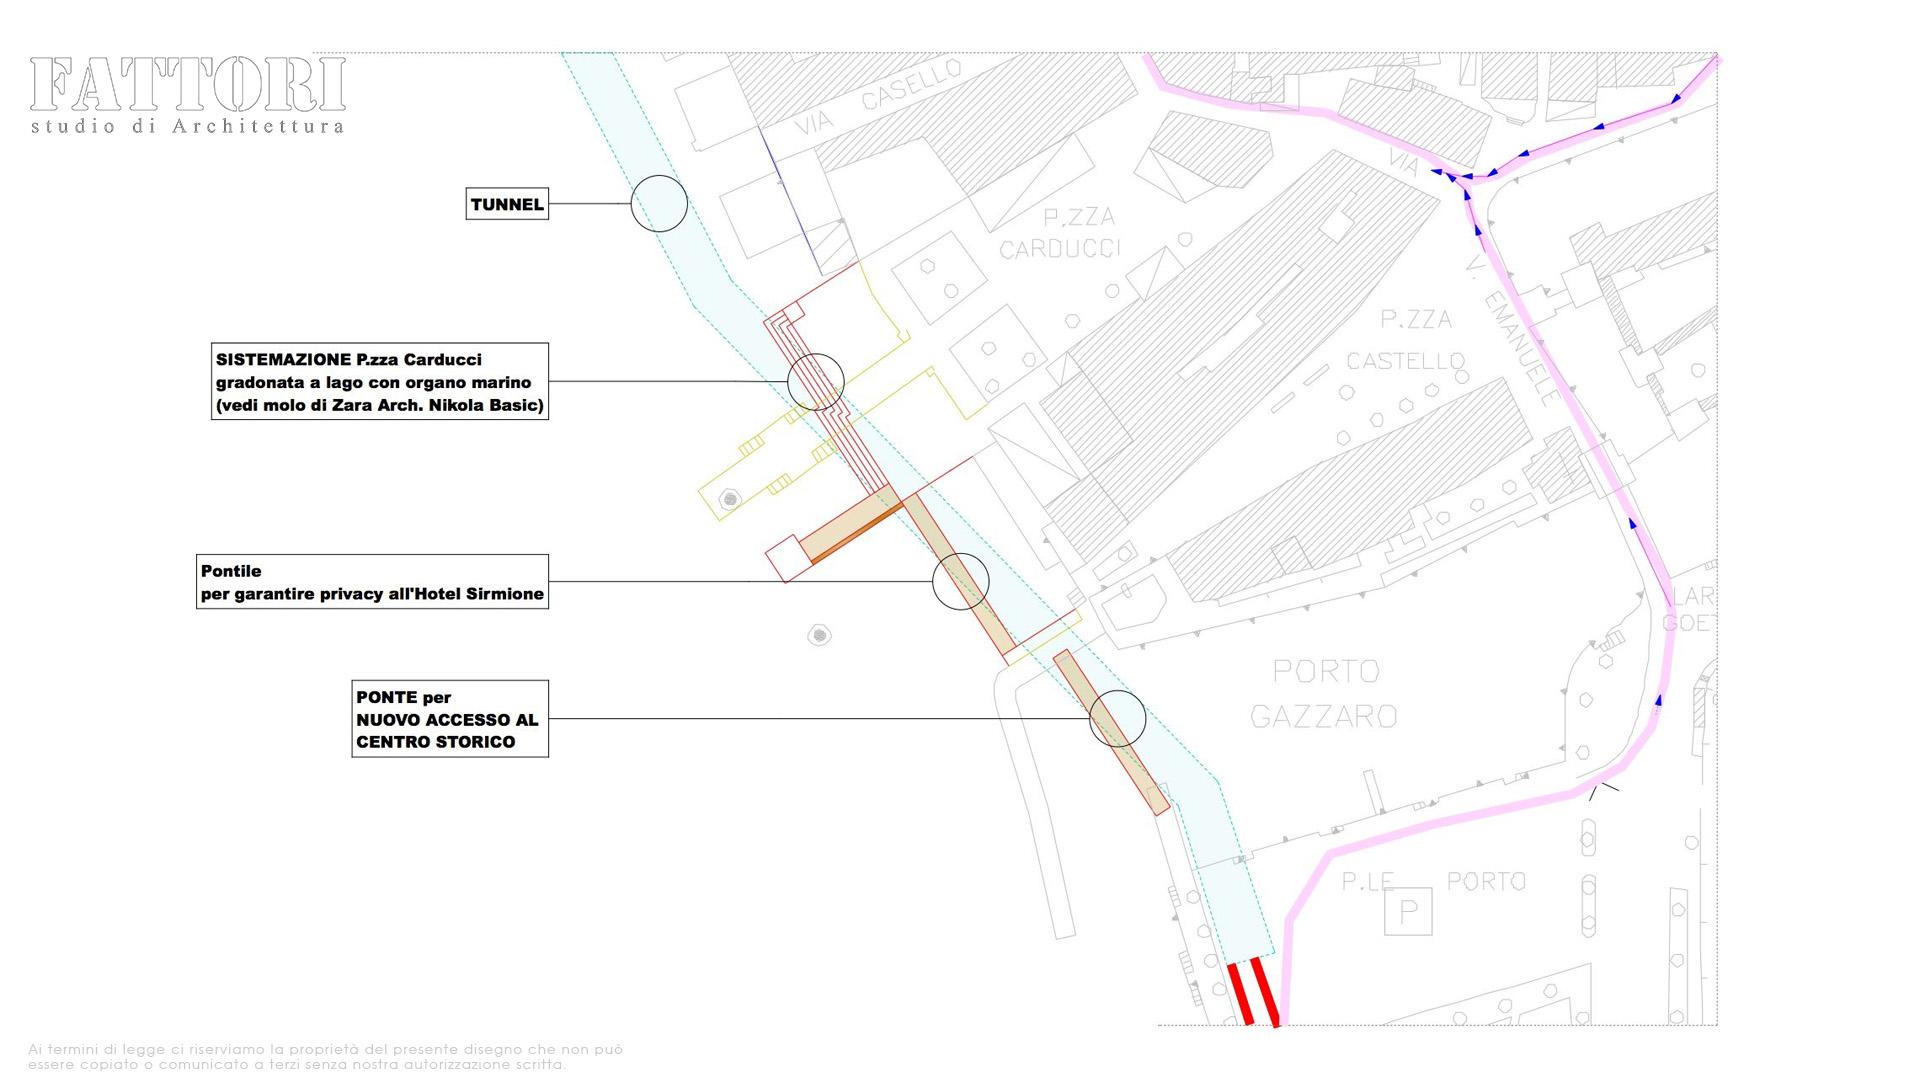 Studio di Architettura Fattori Fausto - Viabilità Sirmione il progetto - Tunnel sotto lago di garda